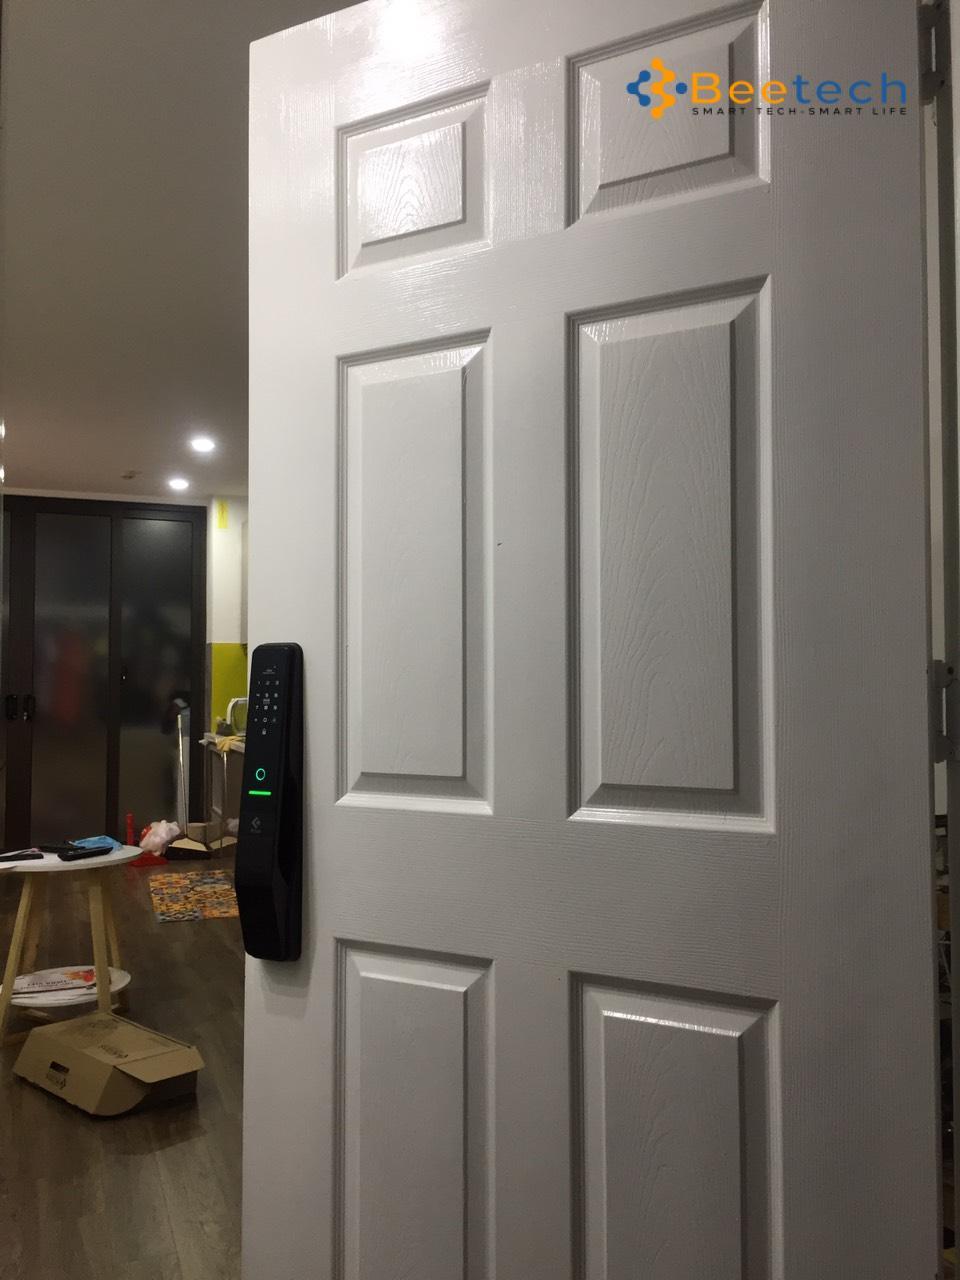 Khóa cửa vân tay nào tốt cho cửa gỗ